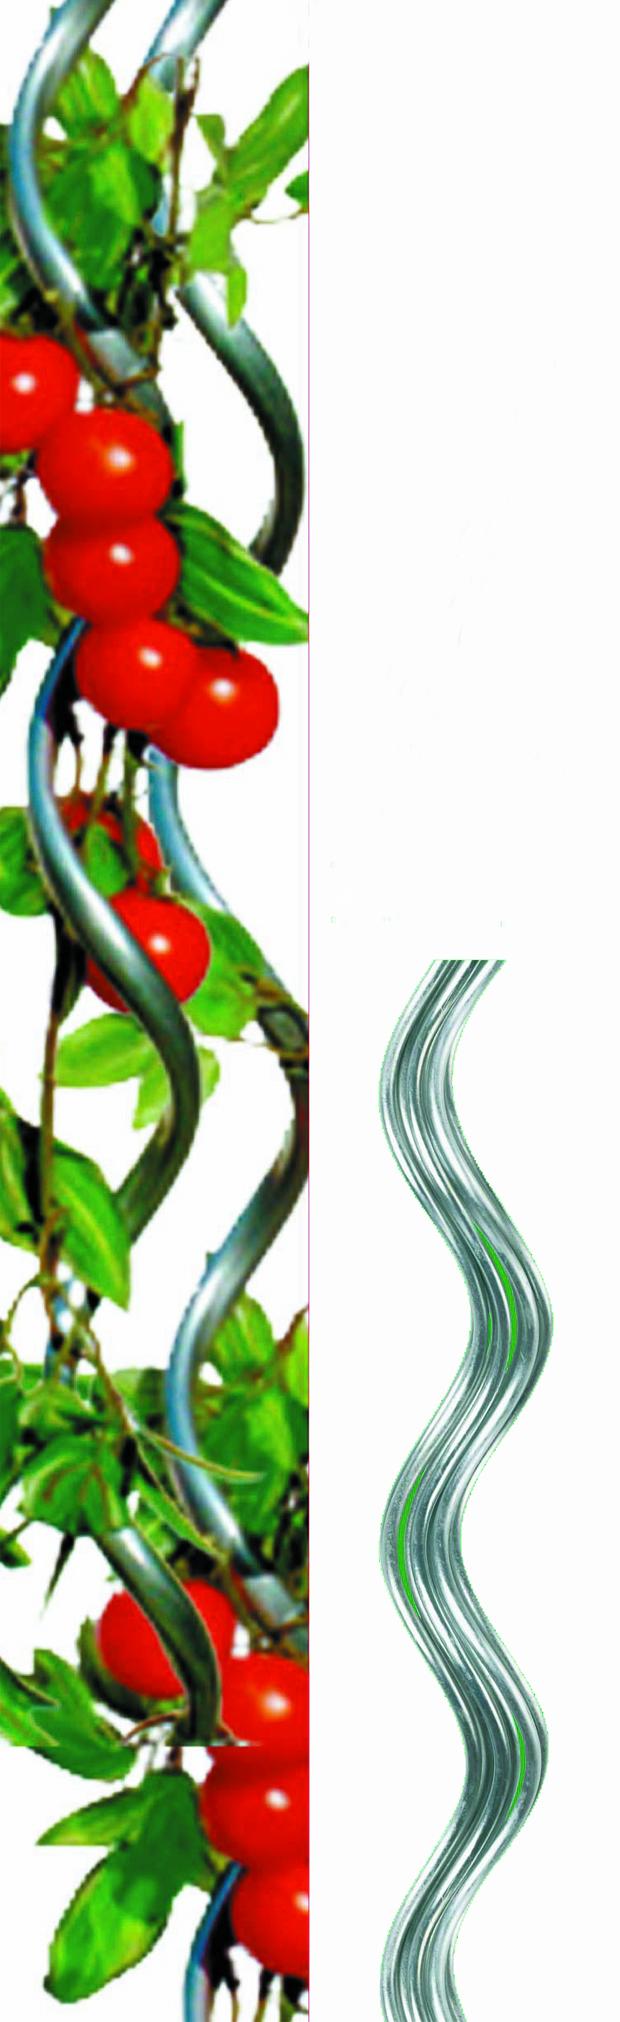 698-tuteurs-tomates-spirale-hauteur-180cm